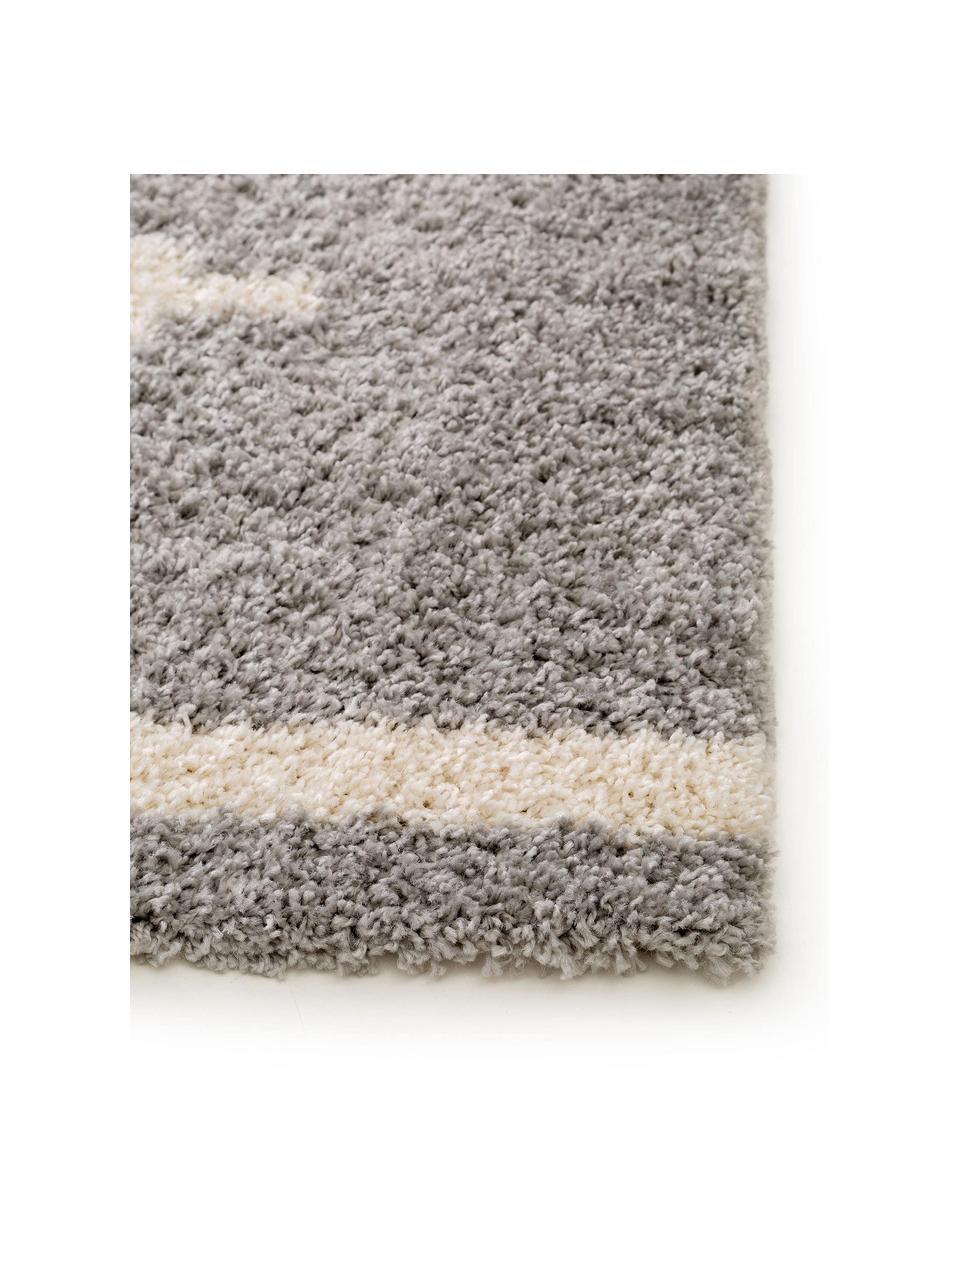 Hoogpolig vloerkleed Selma met grafisch patroon, 100% polypropyleen, Grijs, lichtbeige, B 200 x L 290 cm (maat L)